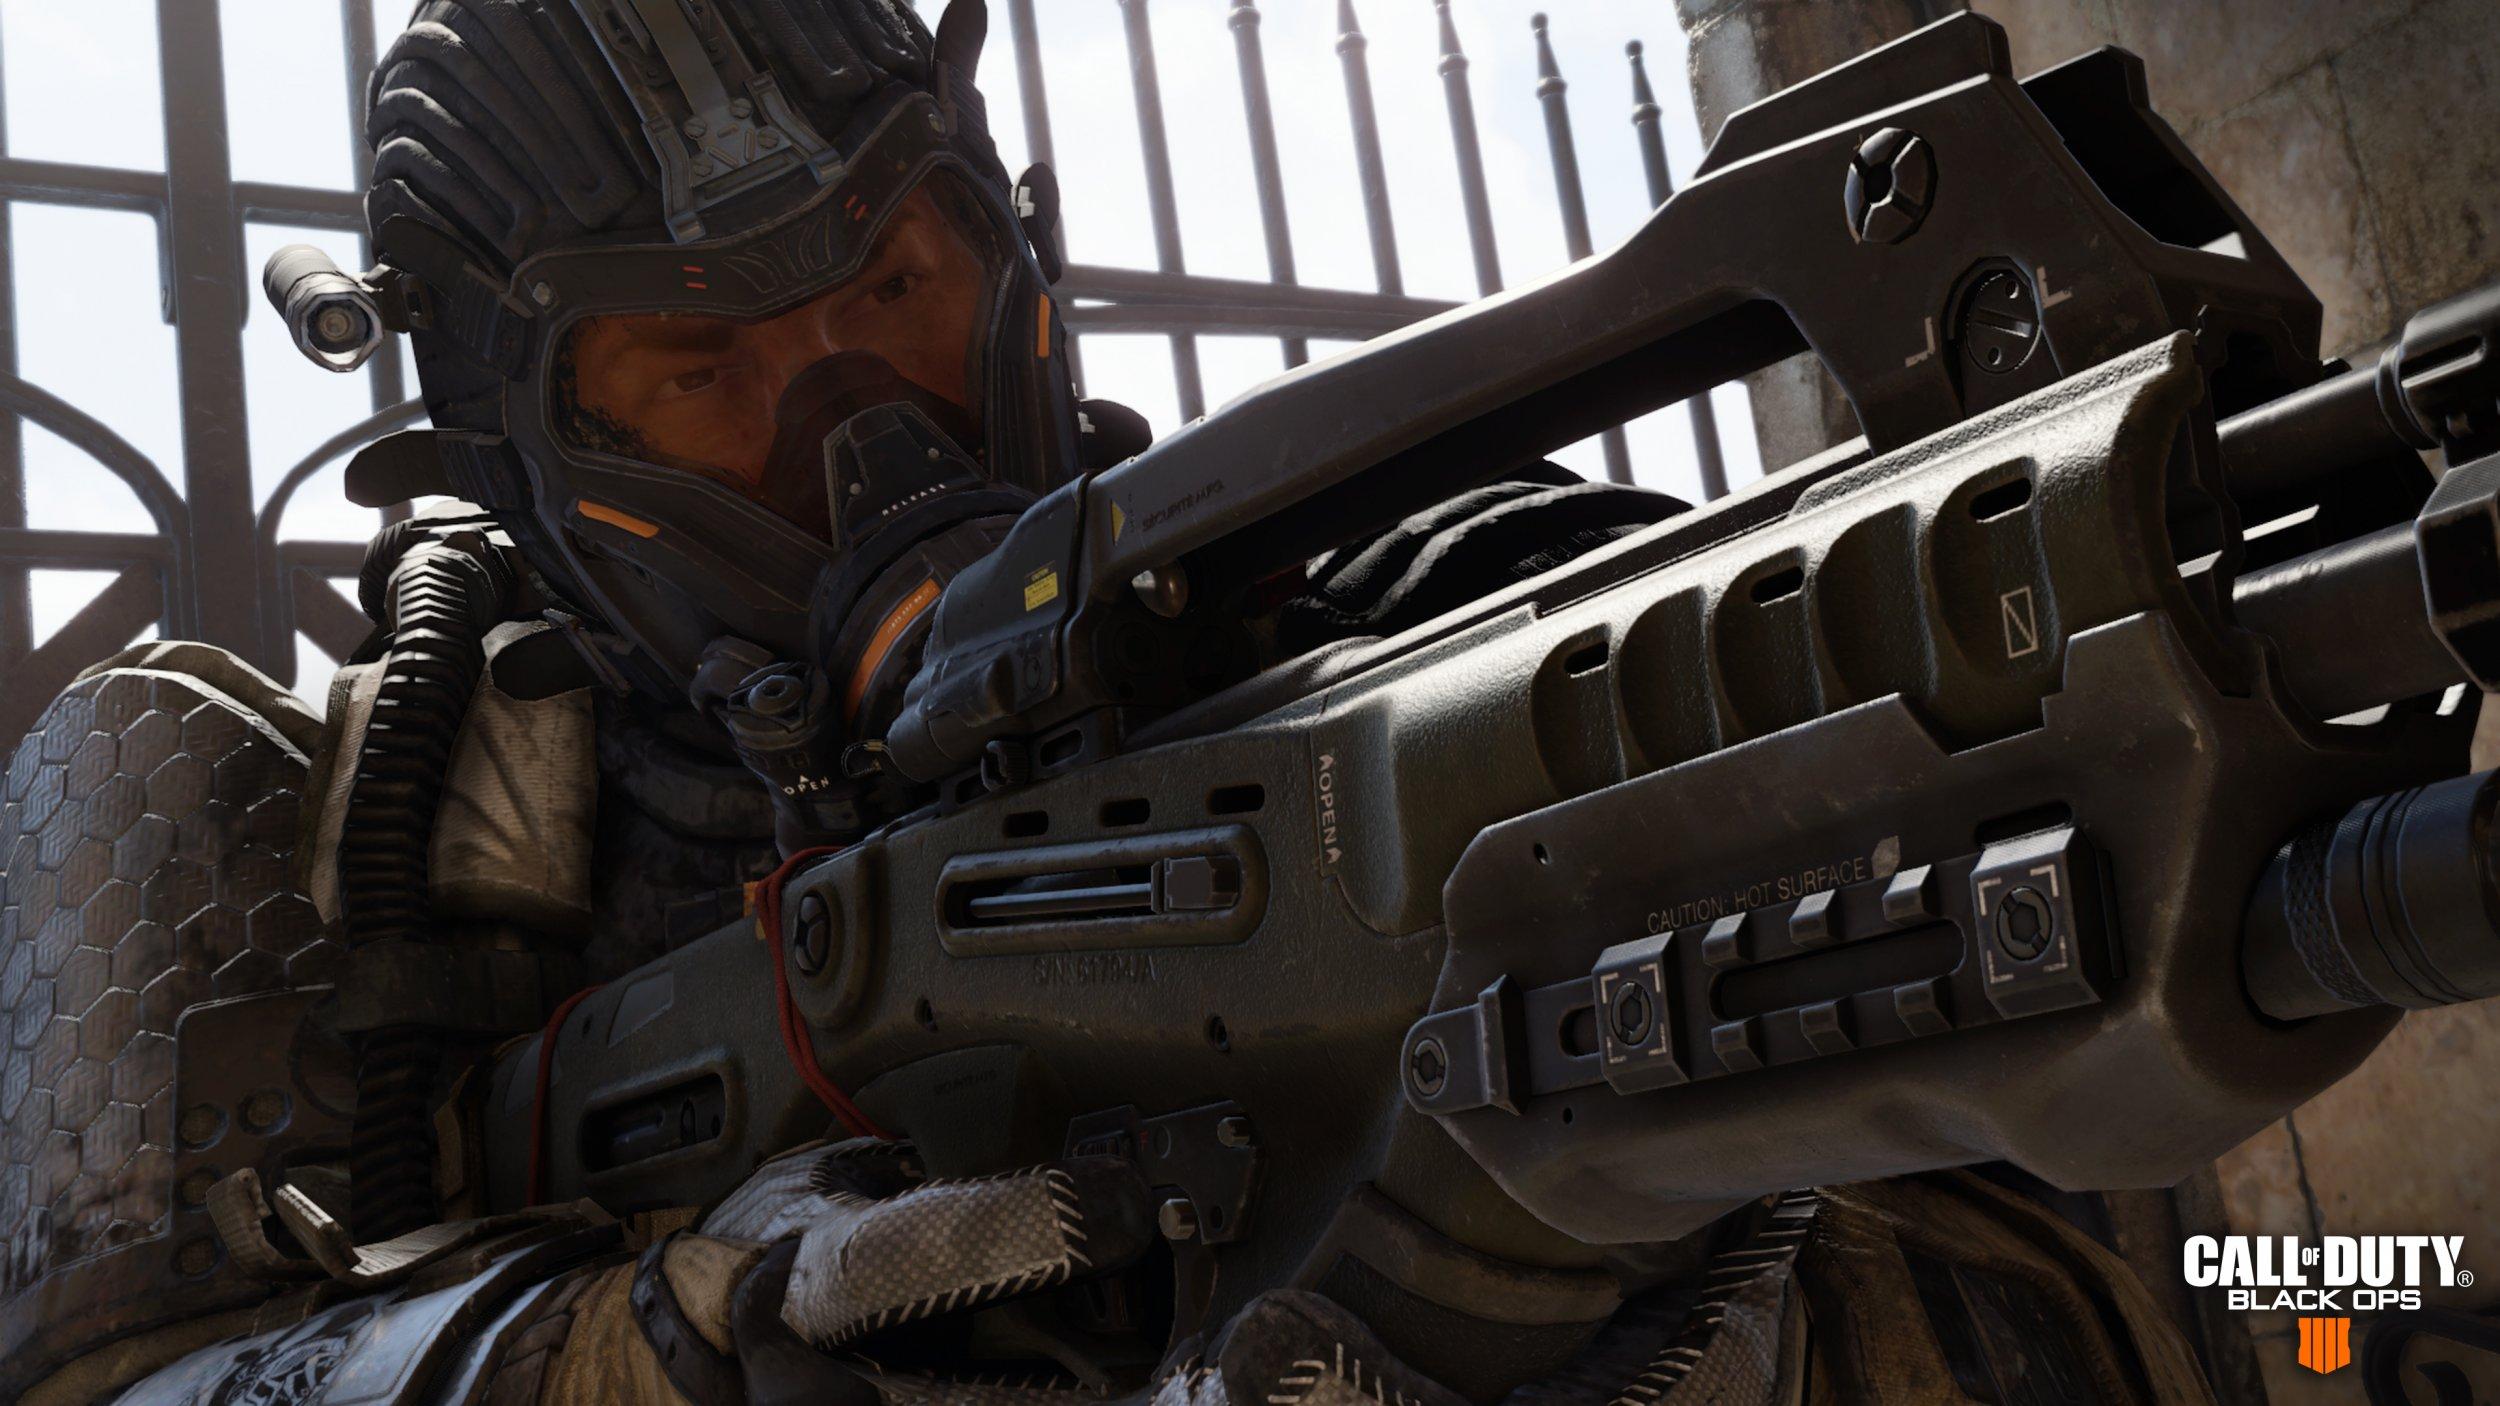 Black Ops 4 multiplayer gun black ops pass